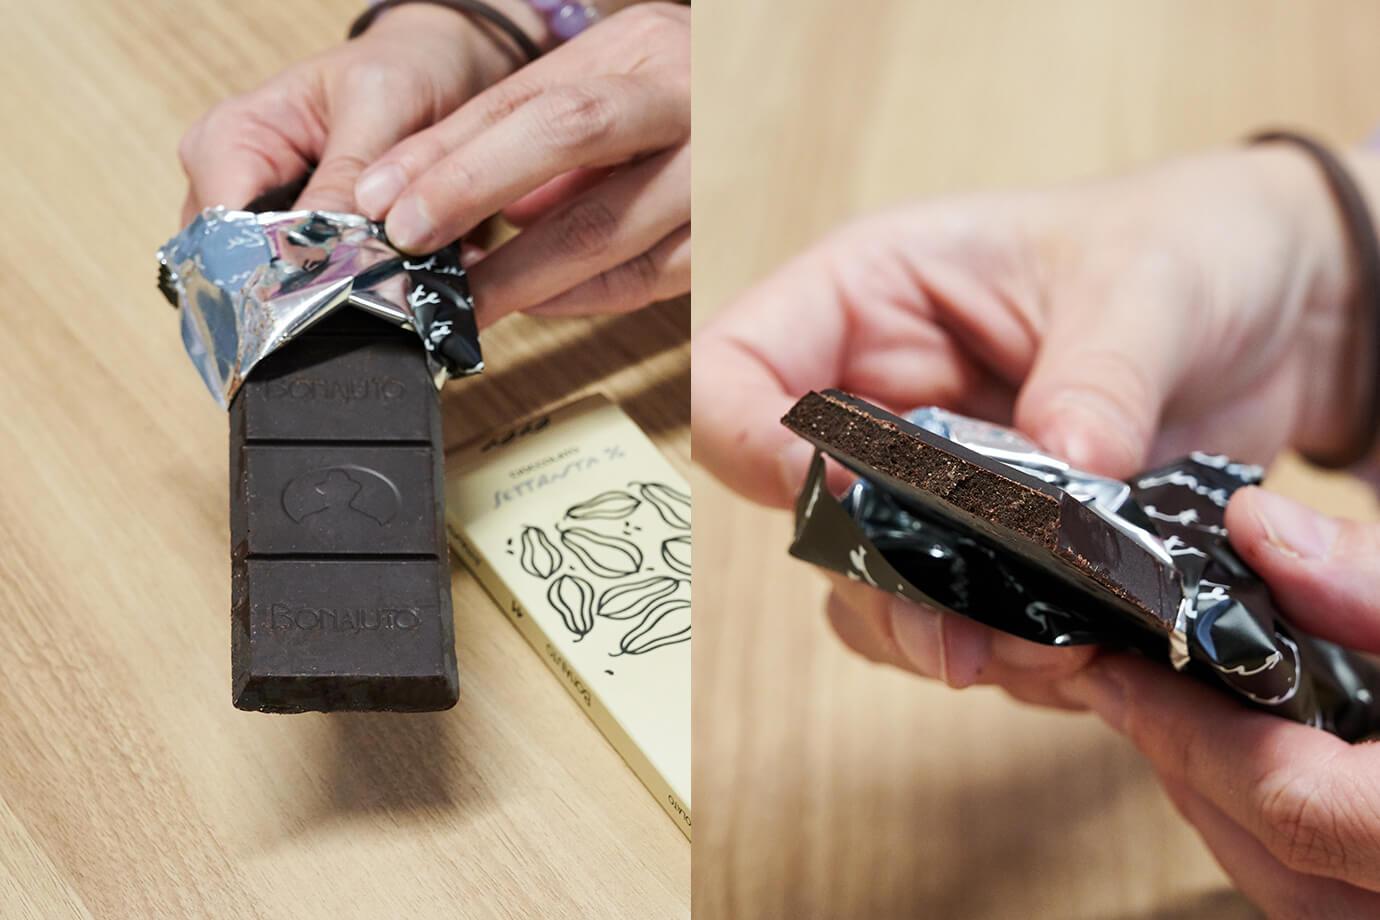 〈アンティカ・ドルチェリア・ボナイユート〉ボナイユートチョコレート(50g)断面